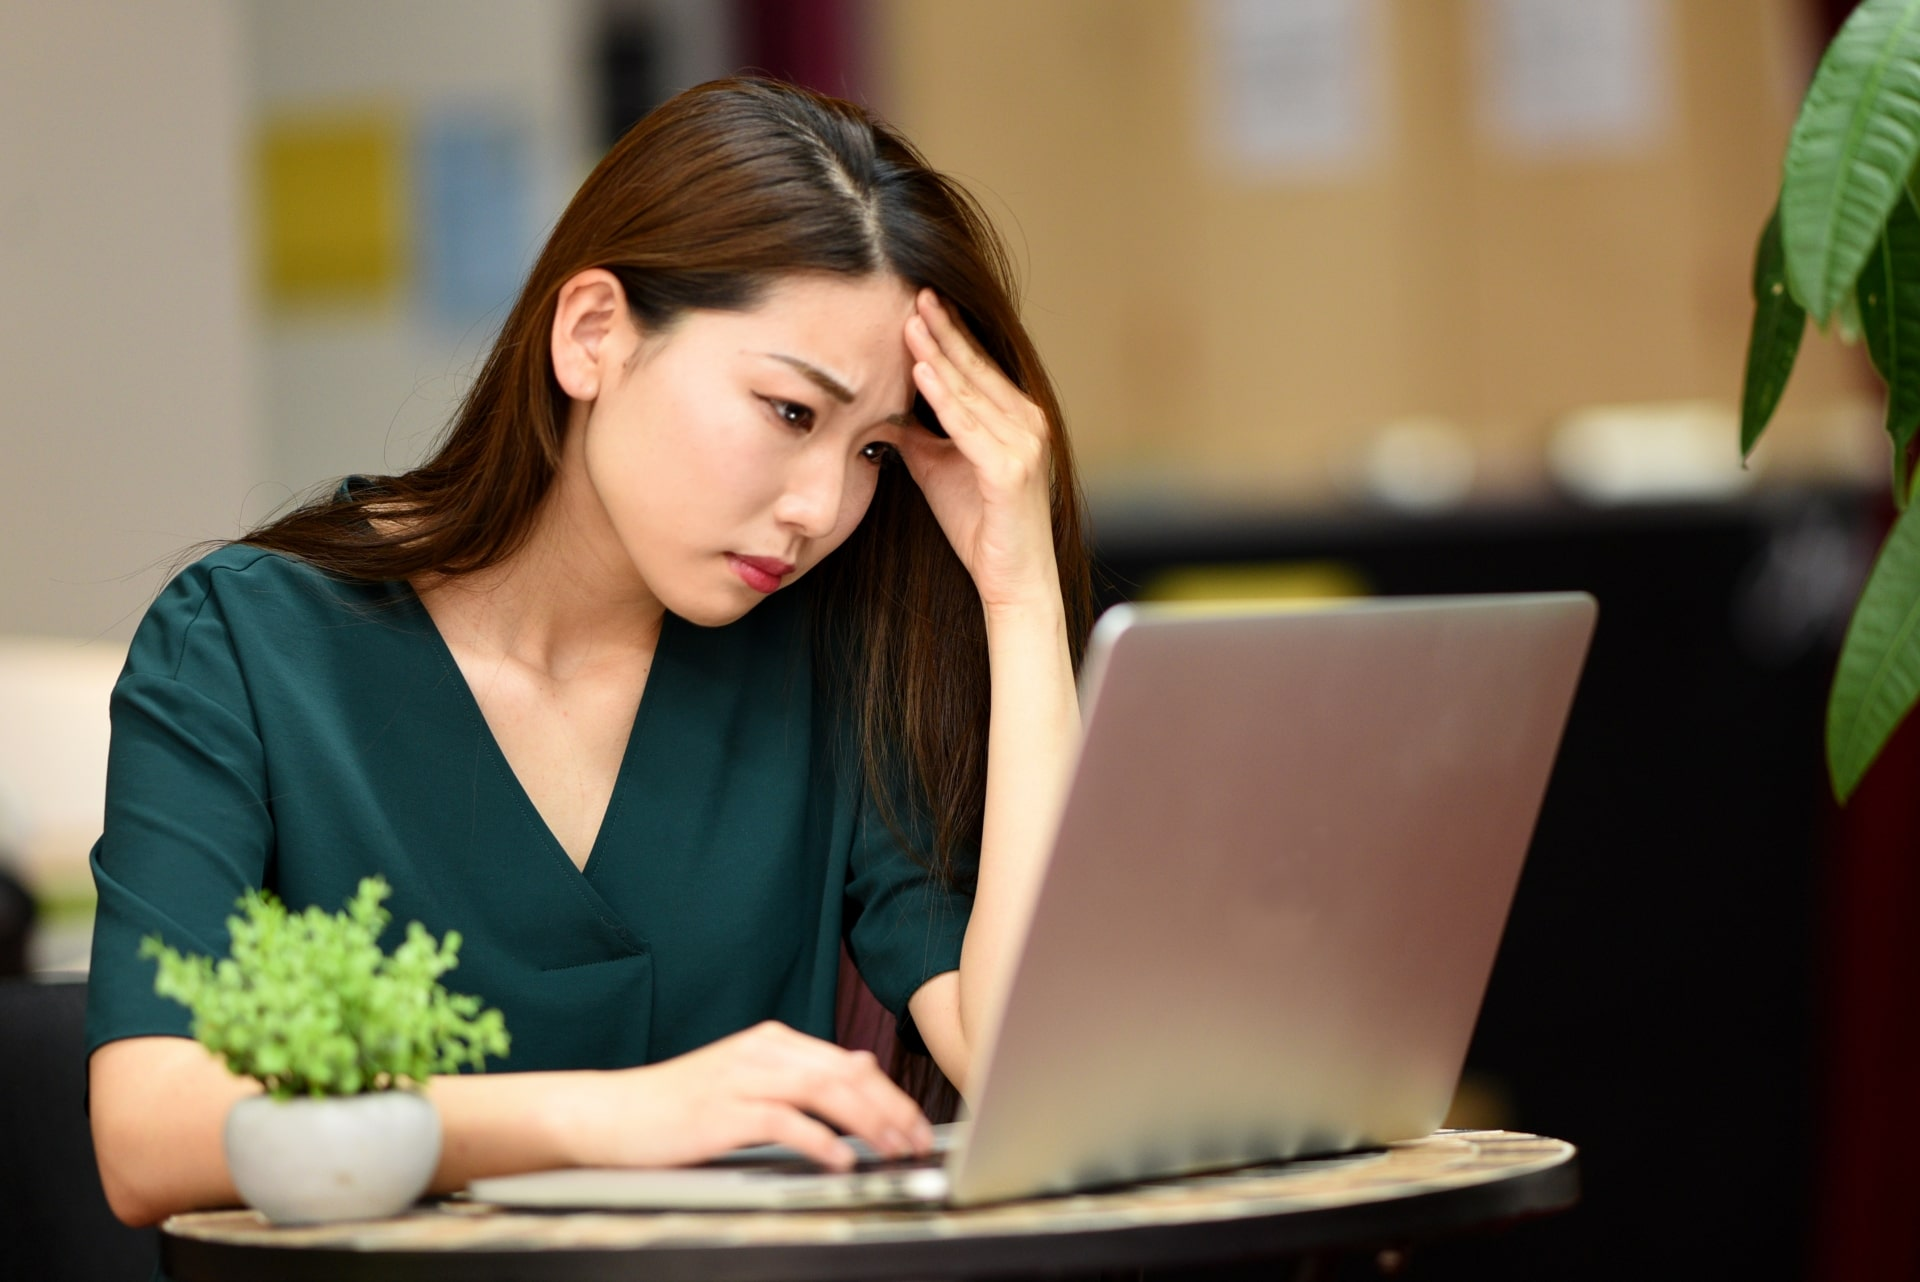 オンラインレッスンで起こりやすいトラブルと正しい対処法